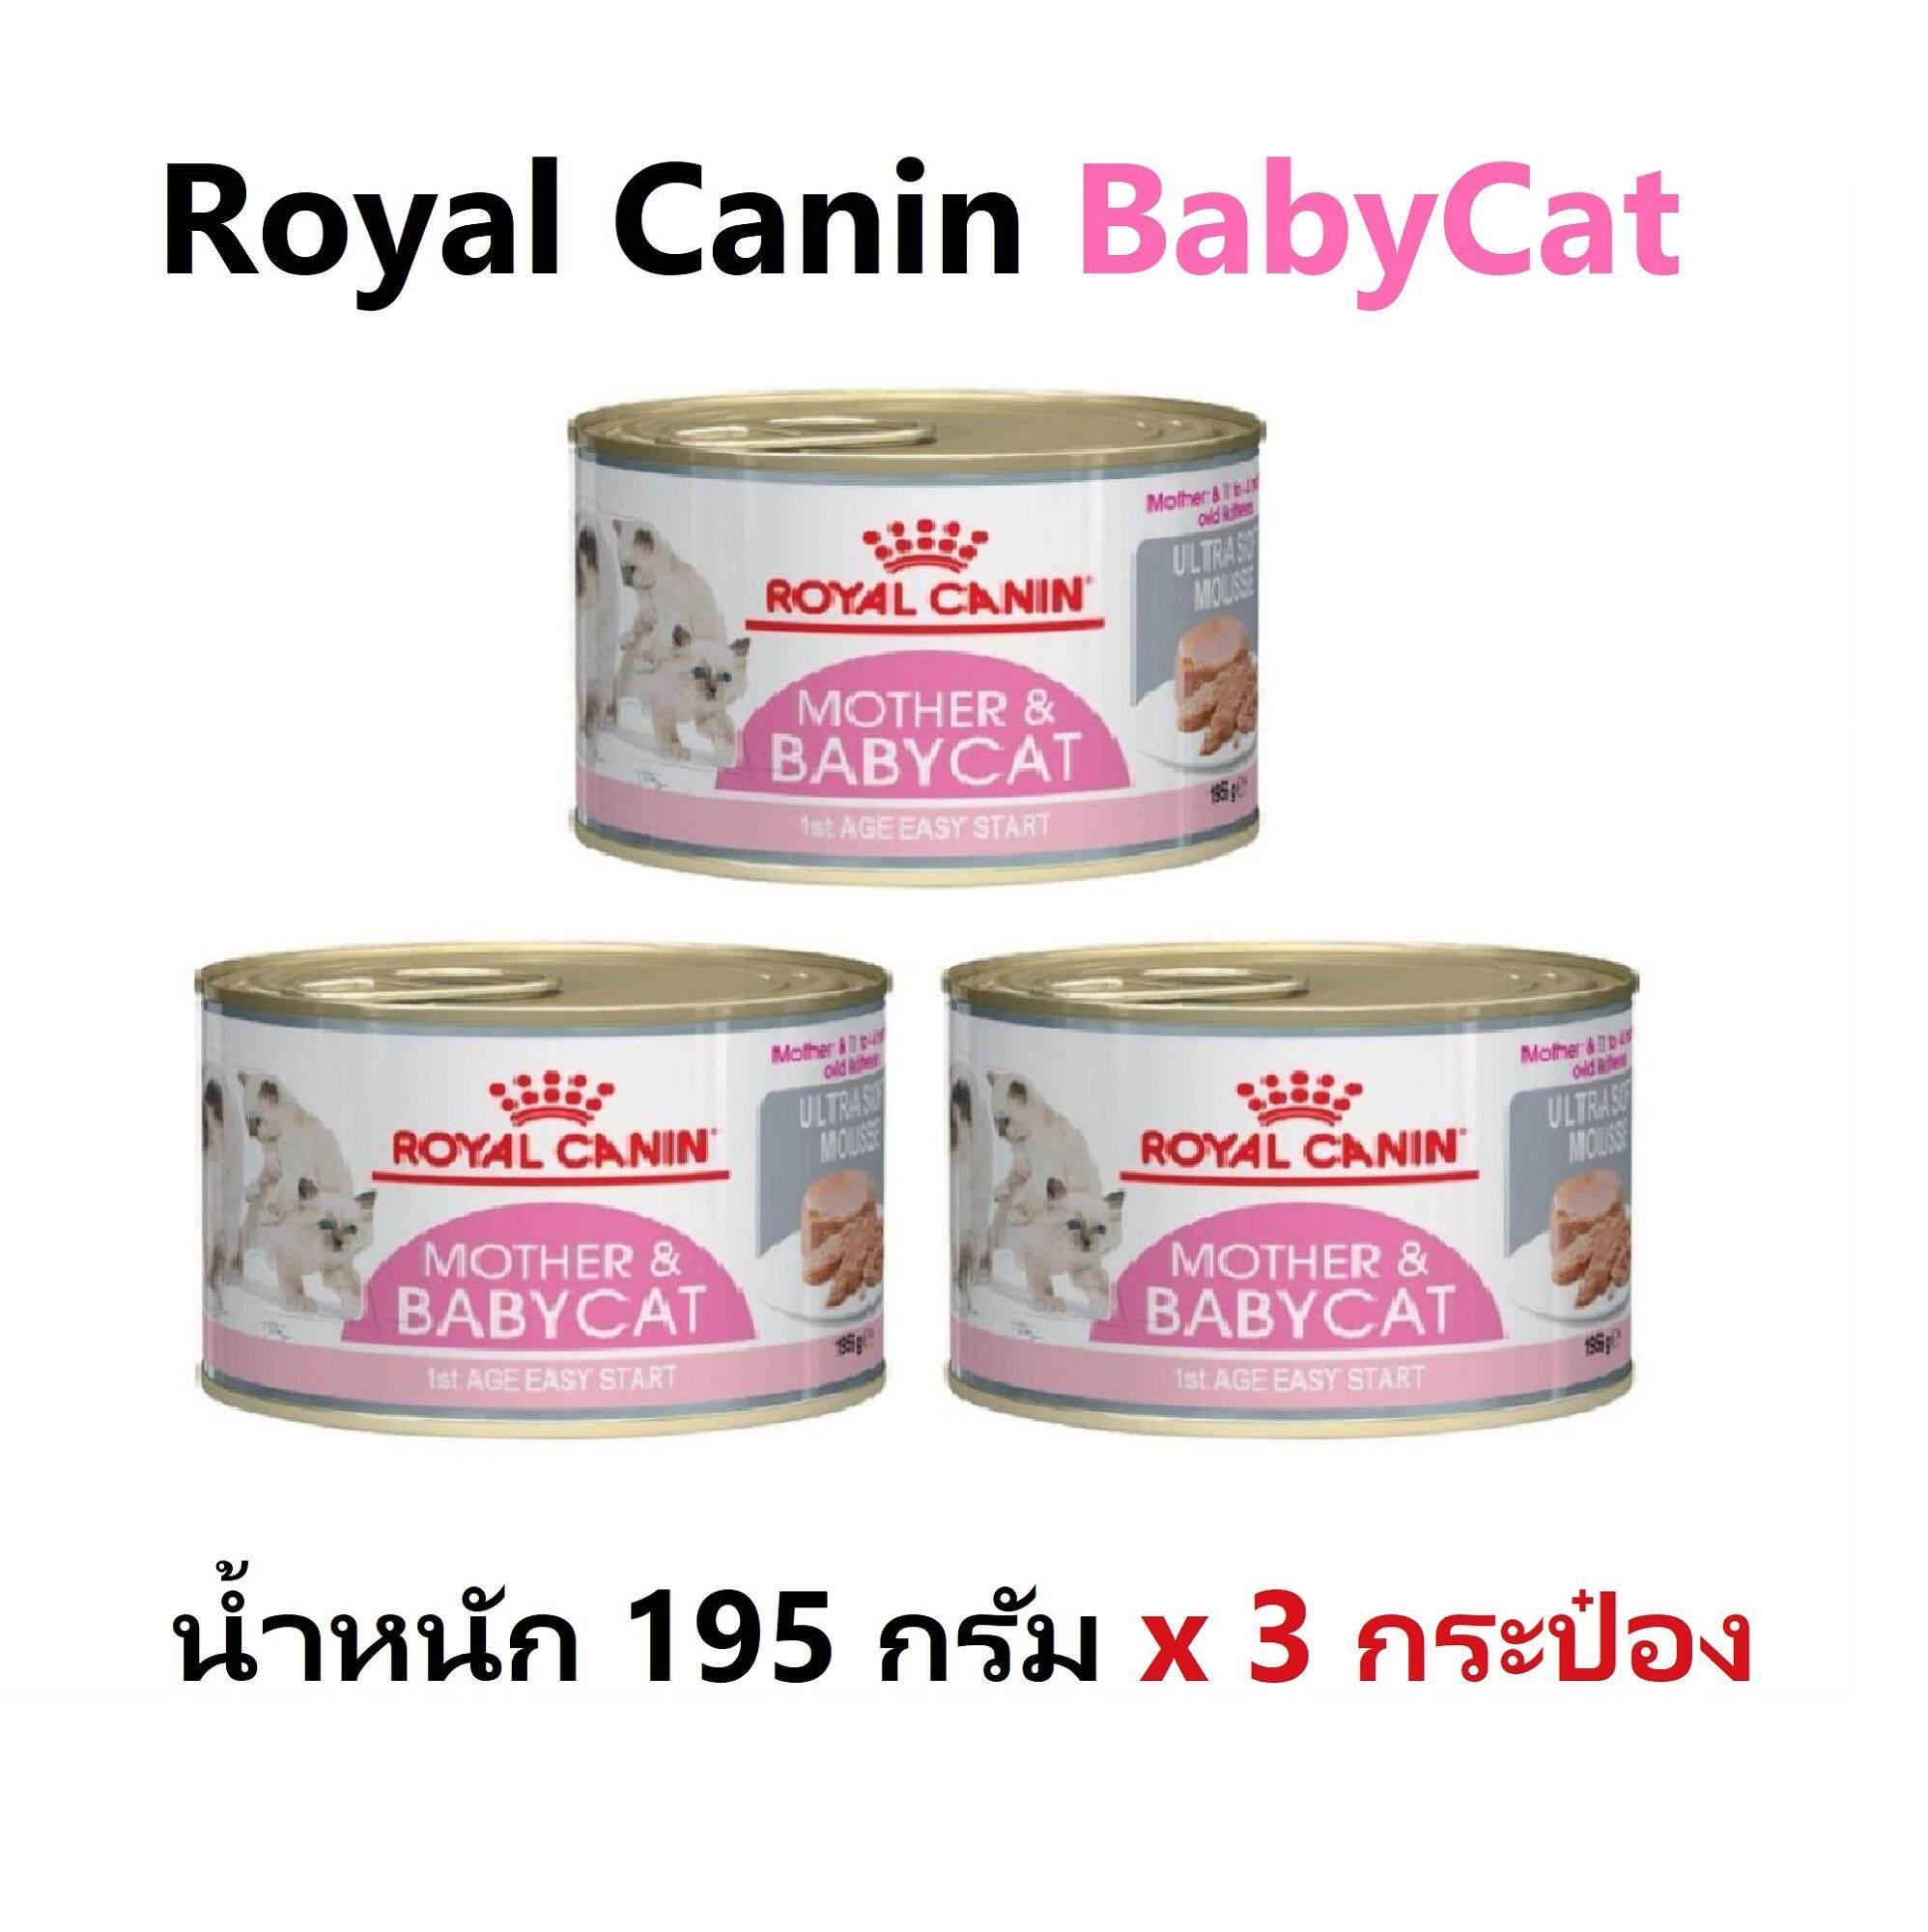 Royal Canin Babycat Can 195 G X 3 Can อาหารแมวแบบเปียก สำหรับลูกแมวและแม่แมวตั้งท้องหรือให้นมลูกแมว 195กรัม X 3กระป๋อง By Speedpets.